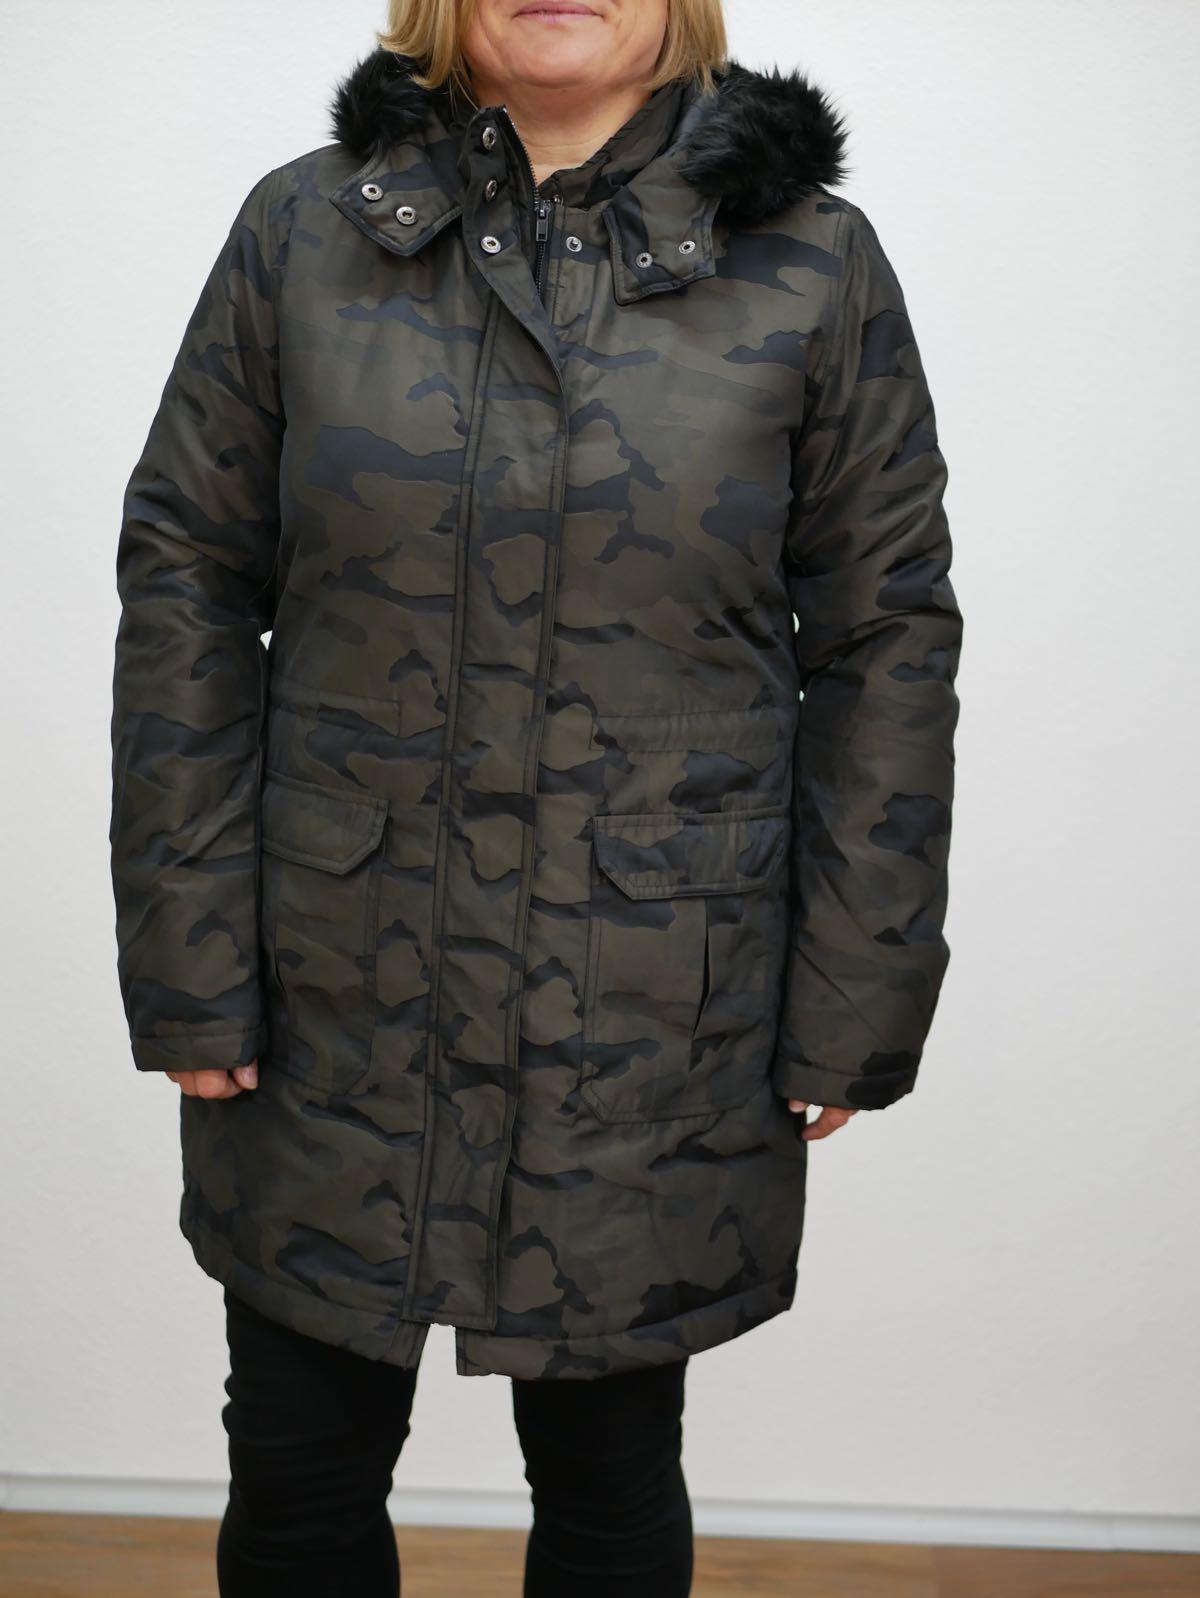 Damenparka camouflage von Yest 1